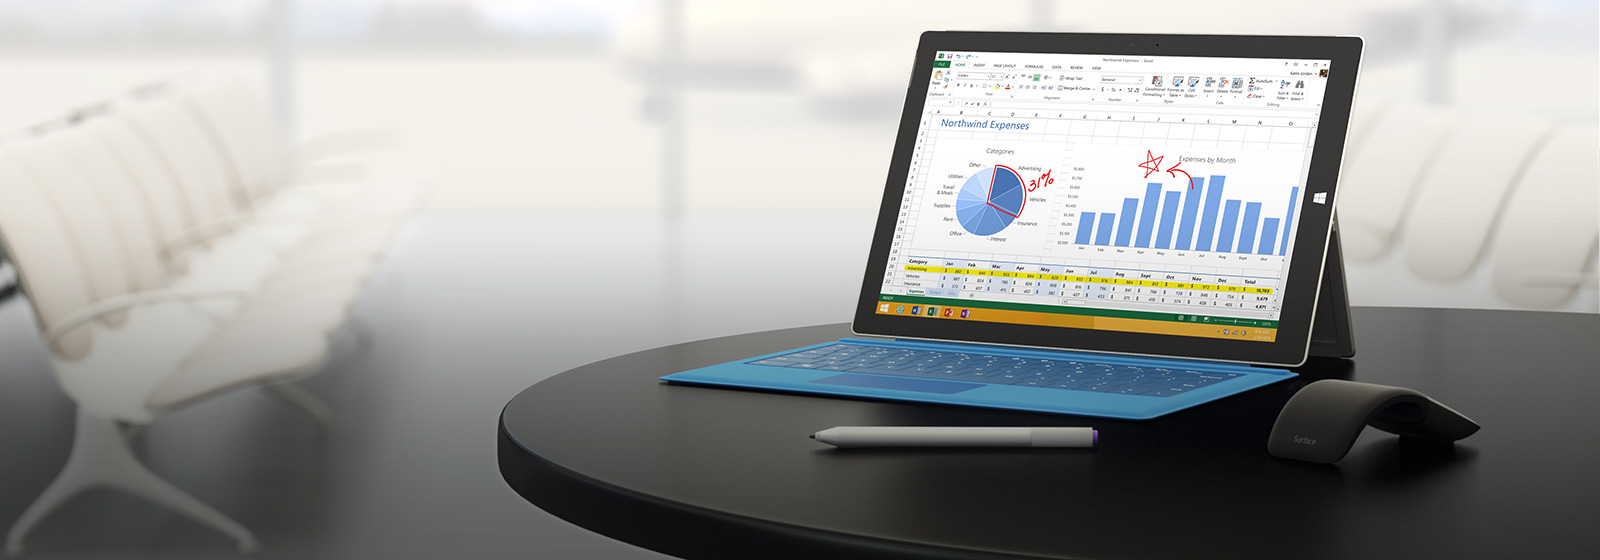 La tableta que puede reemplazar a tu portátil. Surface Pro 3.